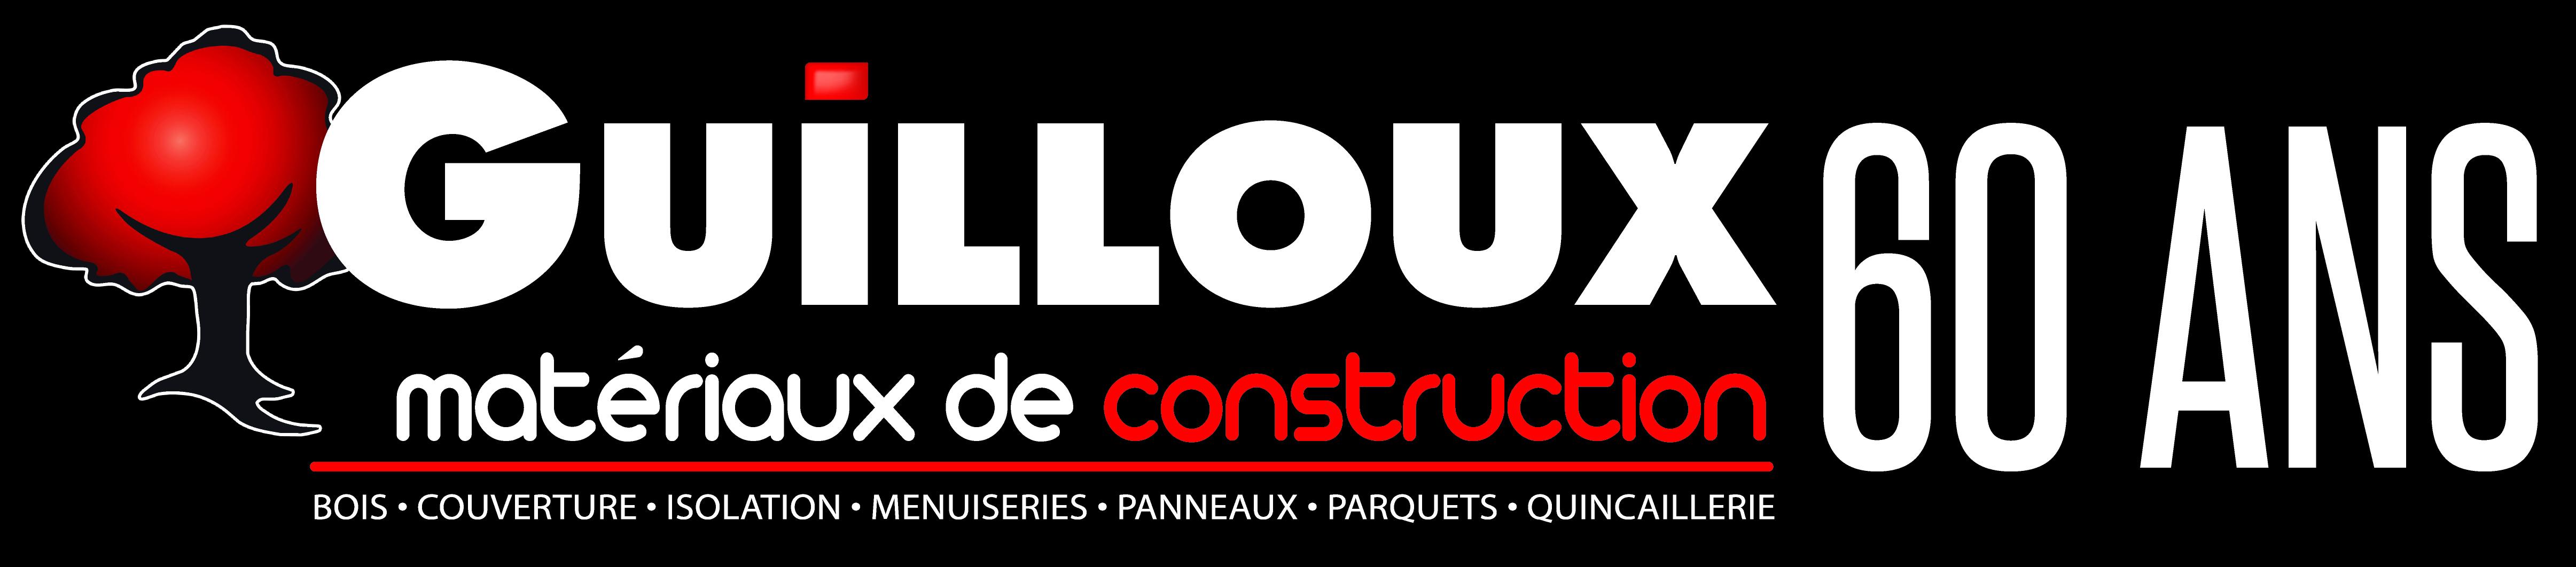 Guilloux Matériaux